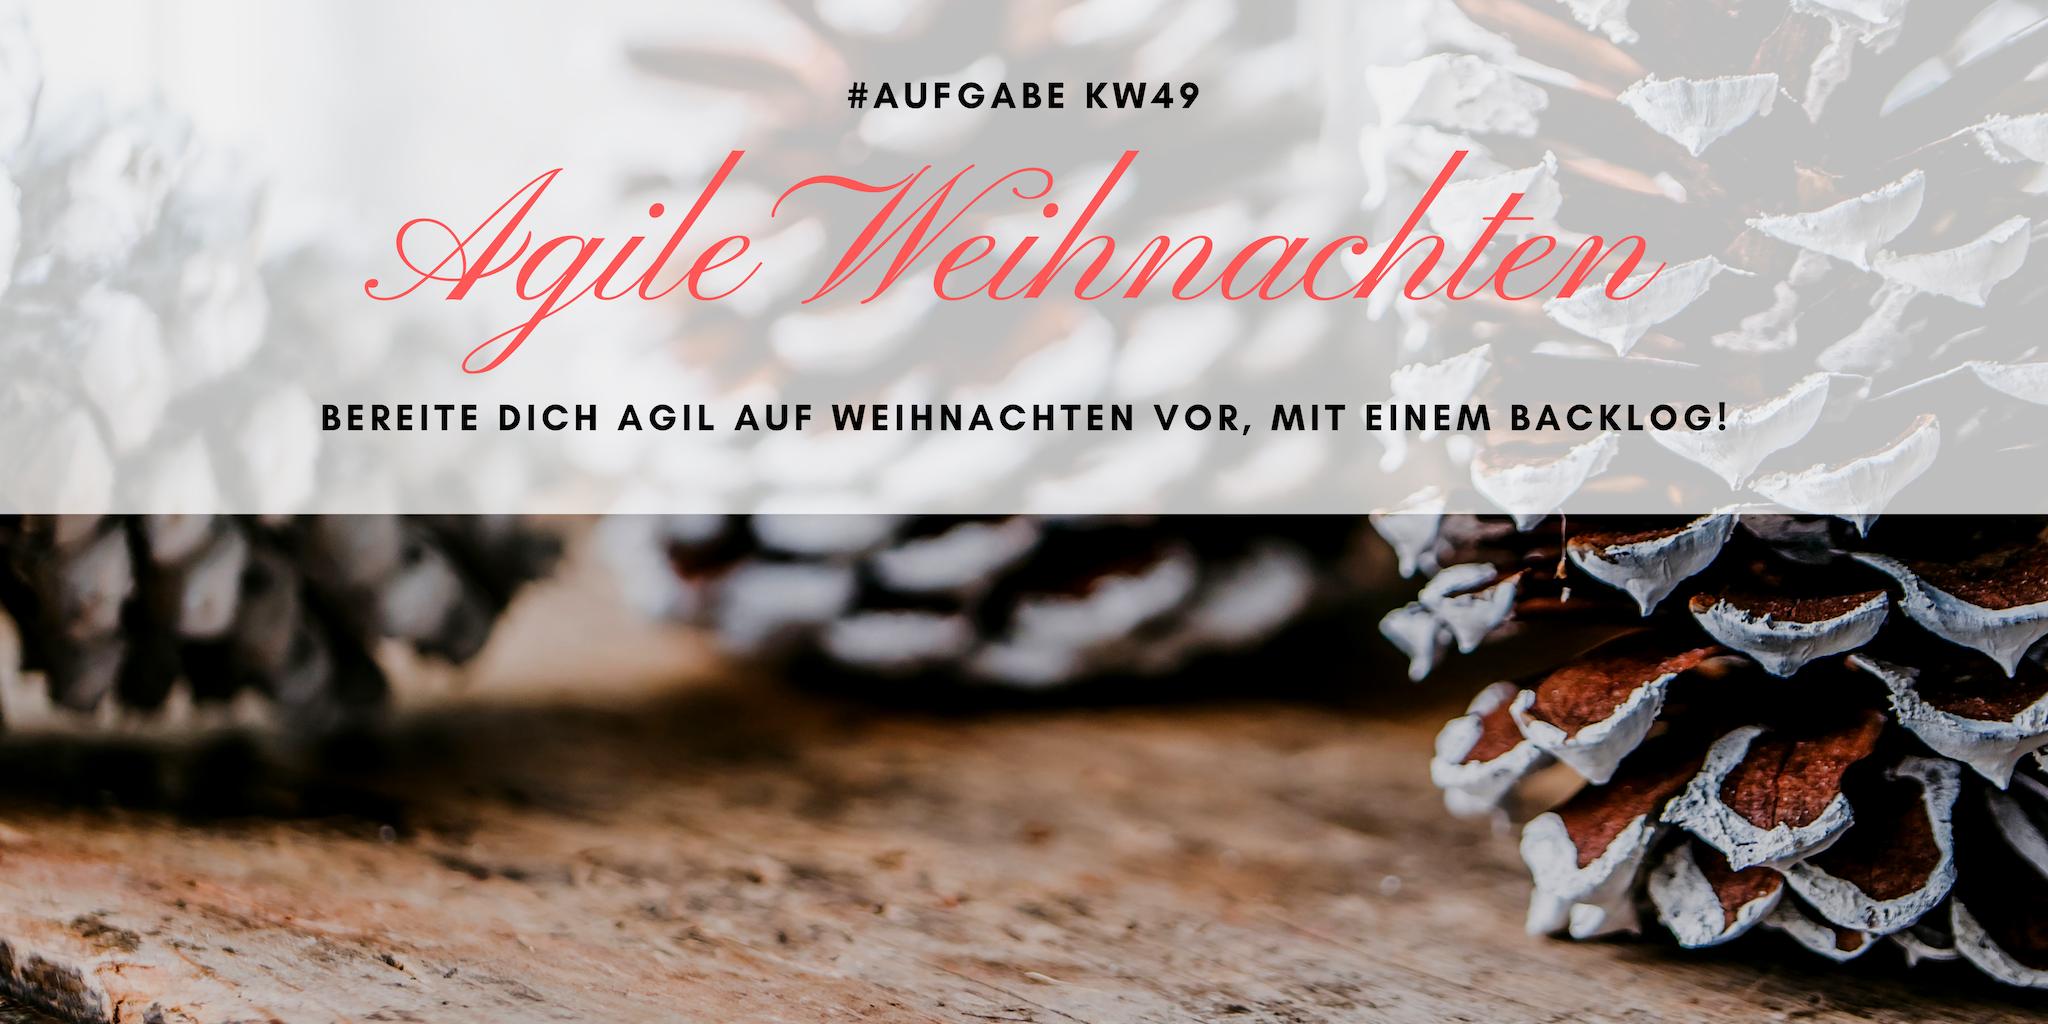 KW49 - Agile Weihnachten